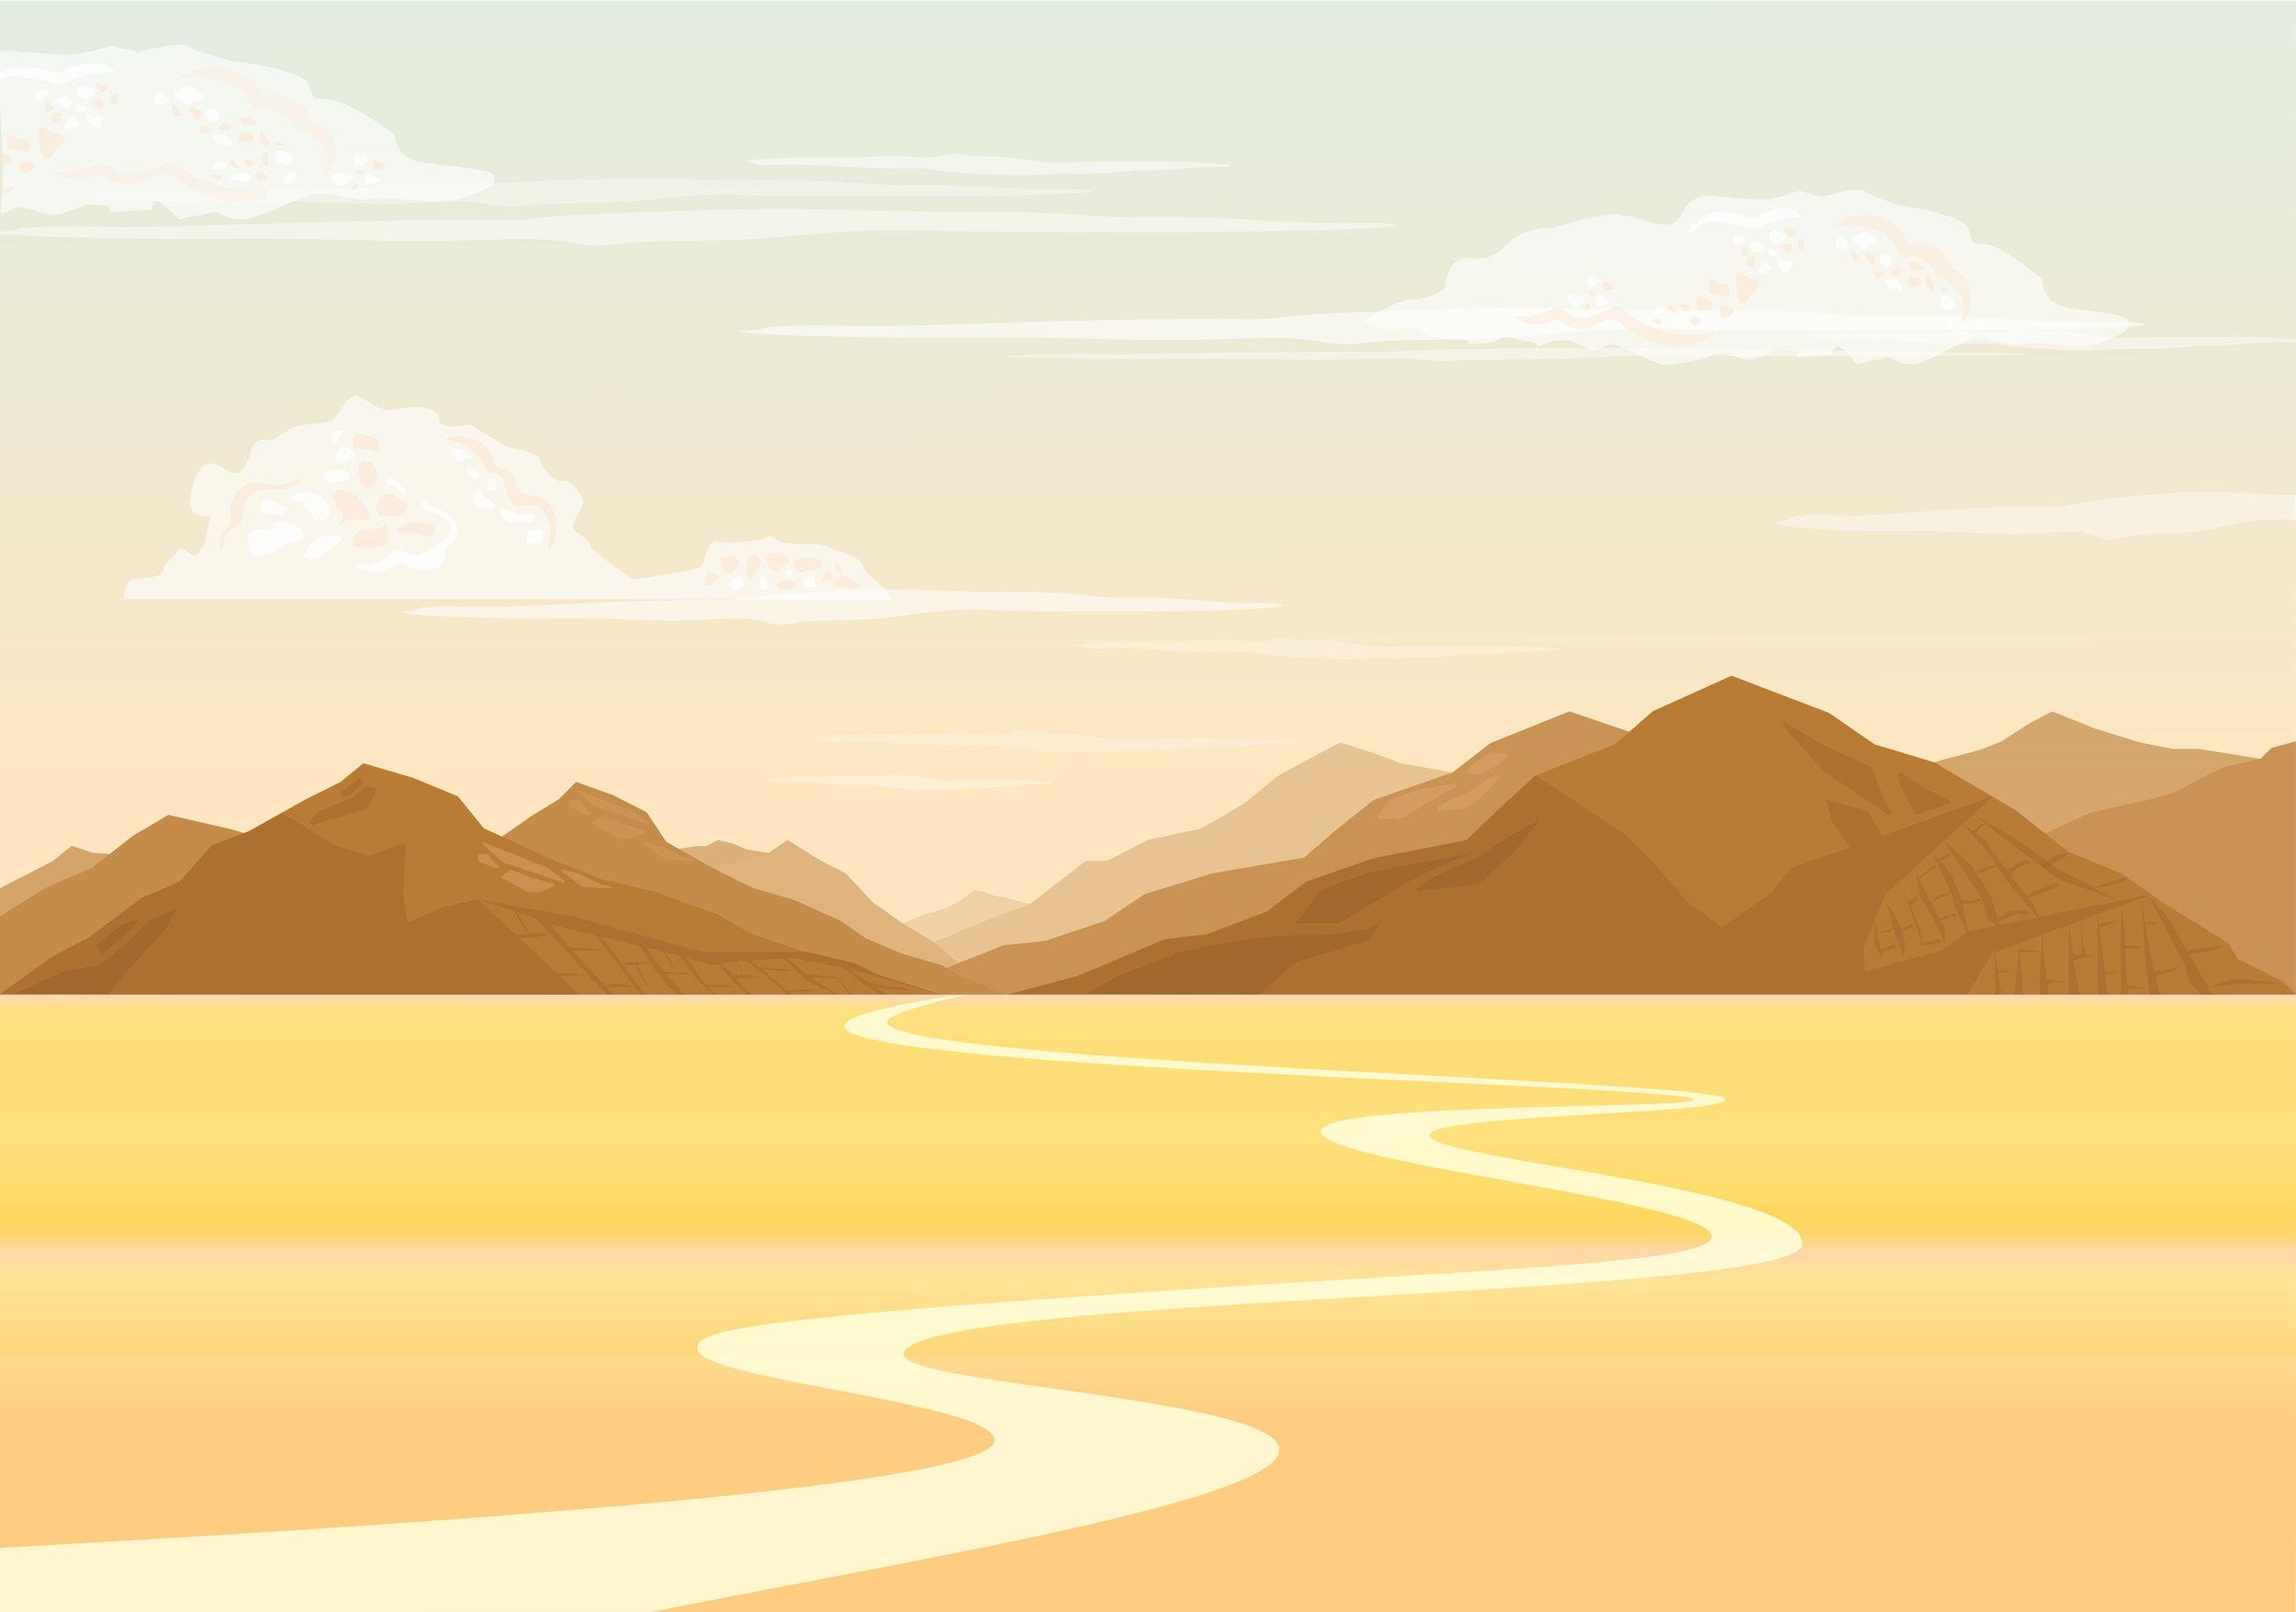 desert-01.jpg